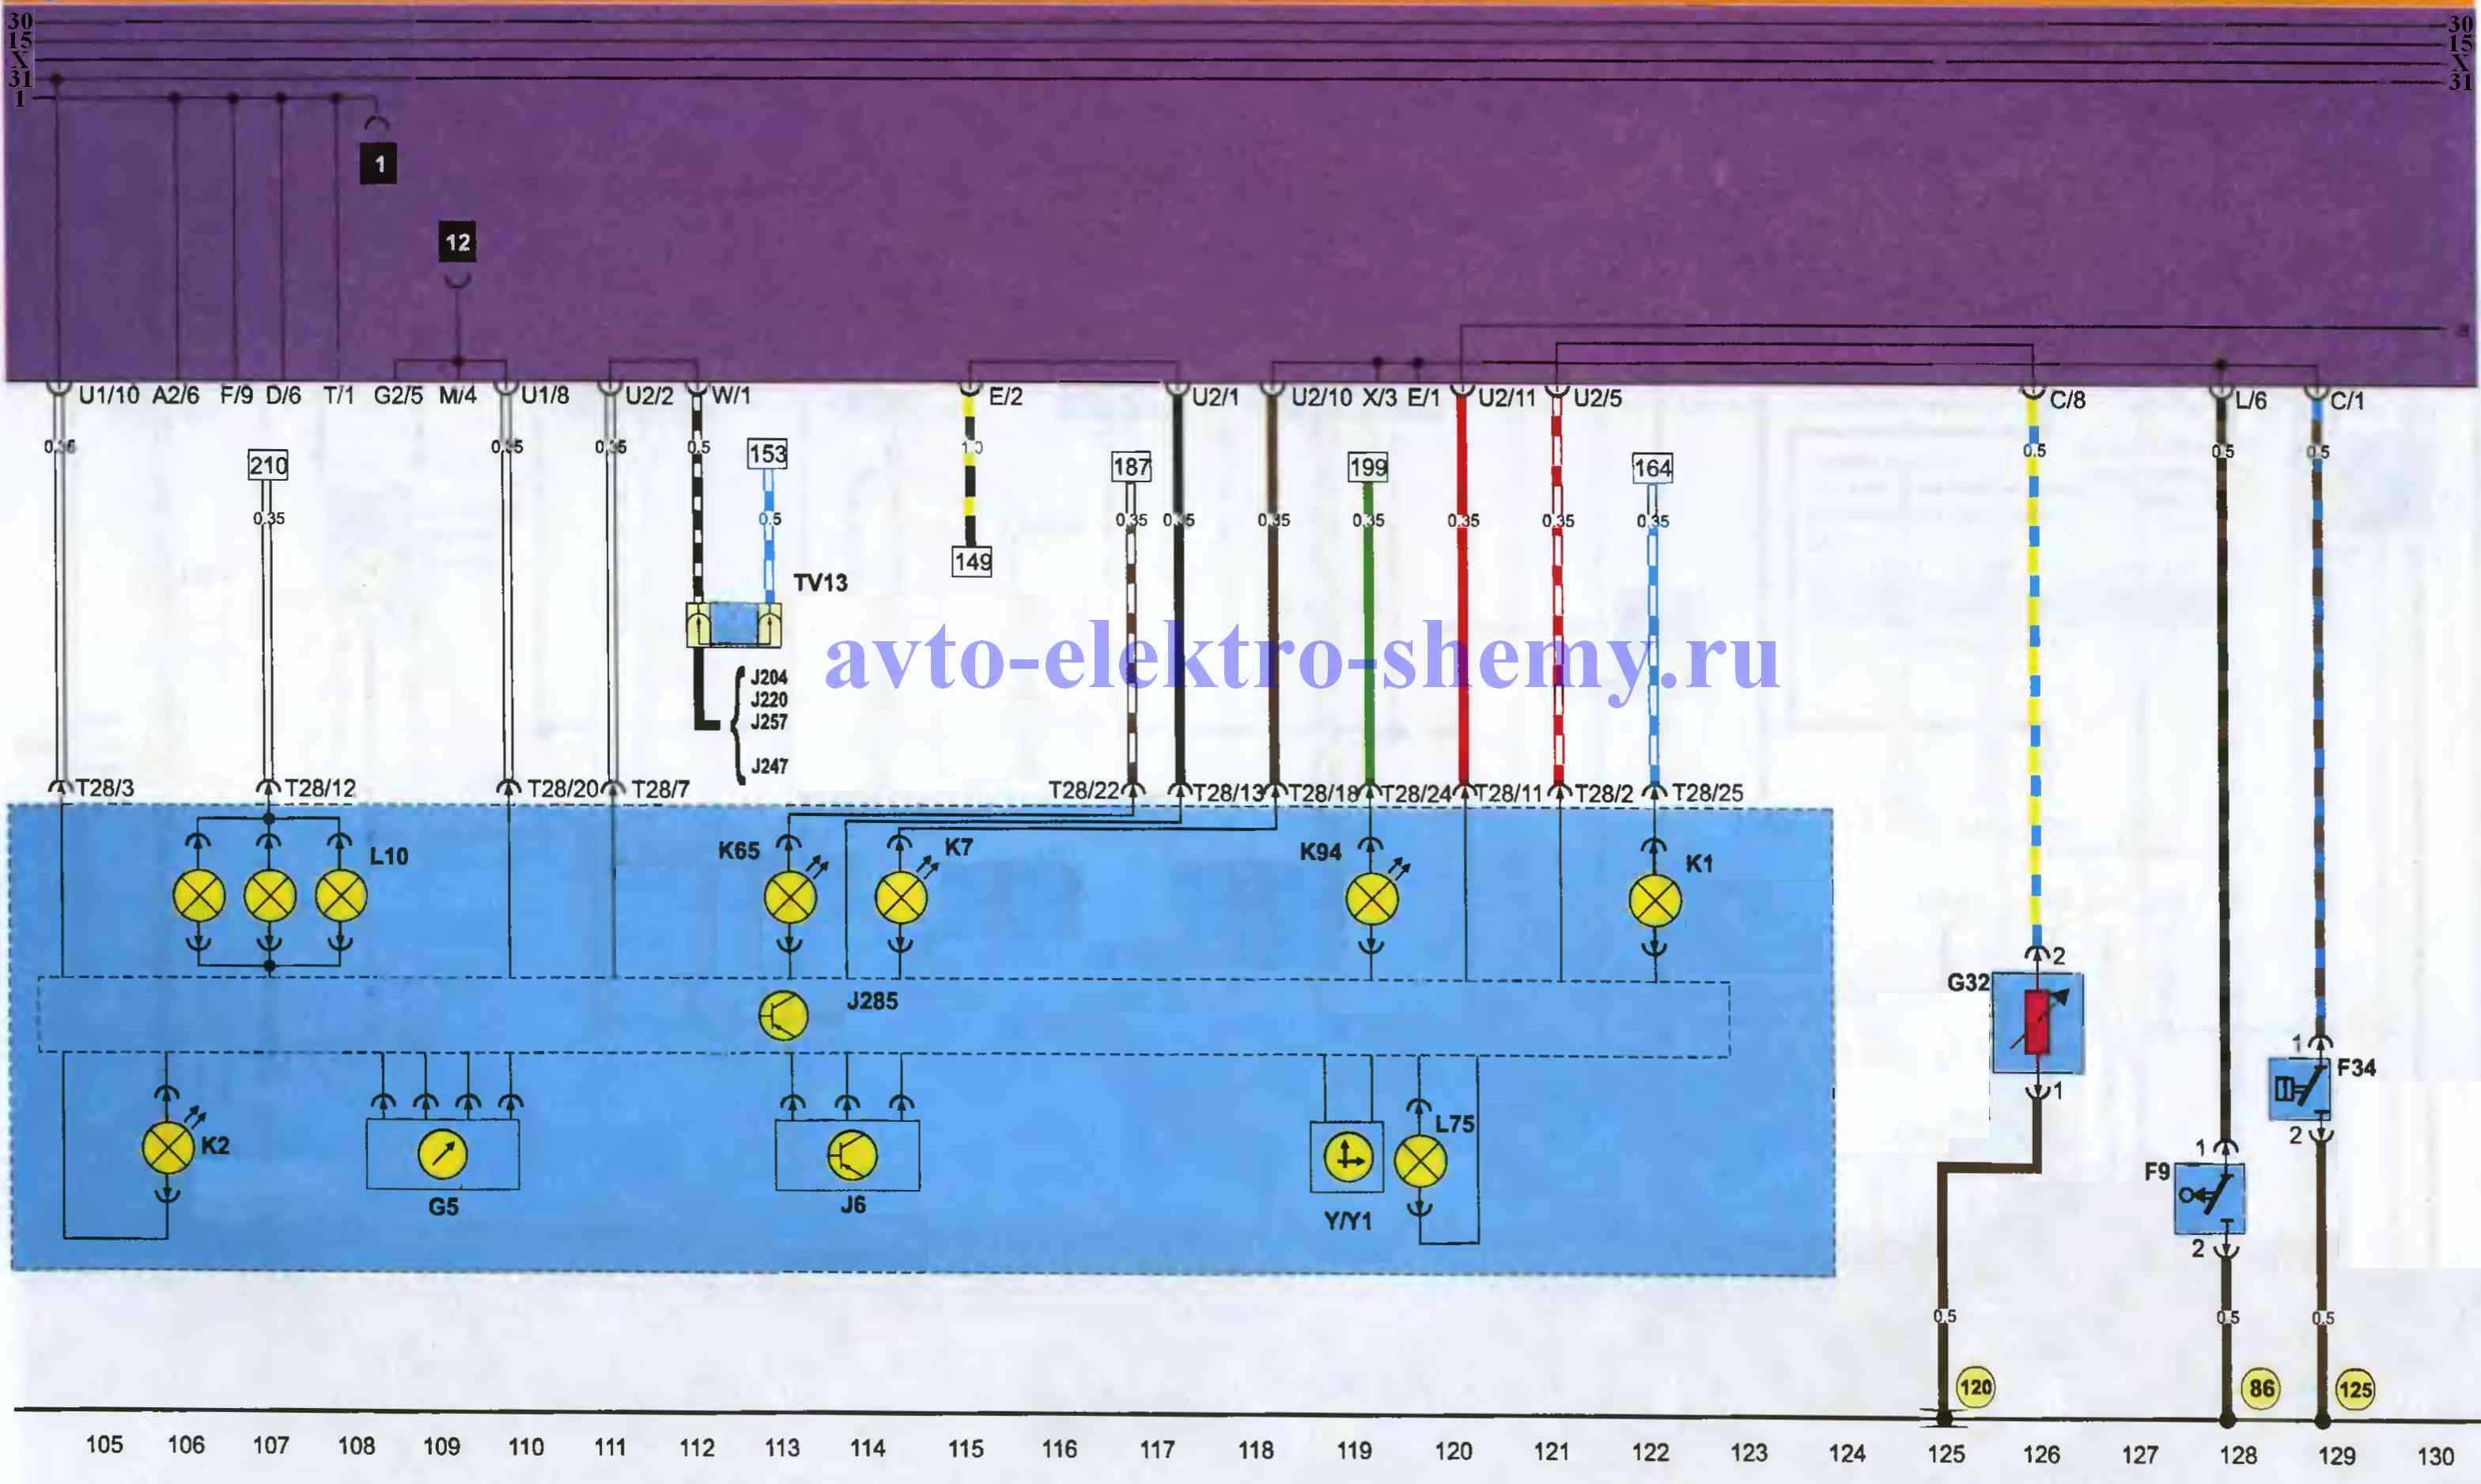 Щиток приборов Фольксваген Пассат 1988-96г.в., схема.